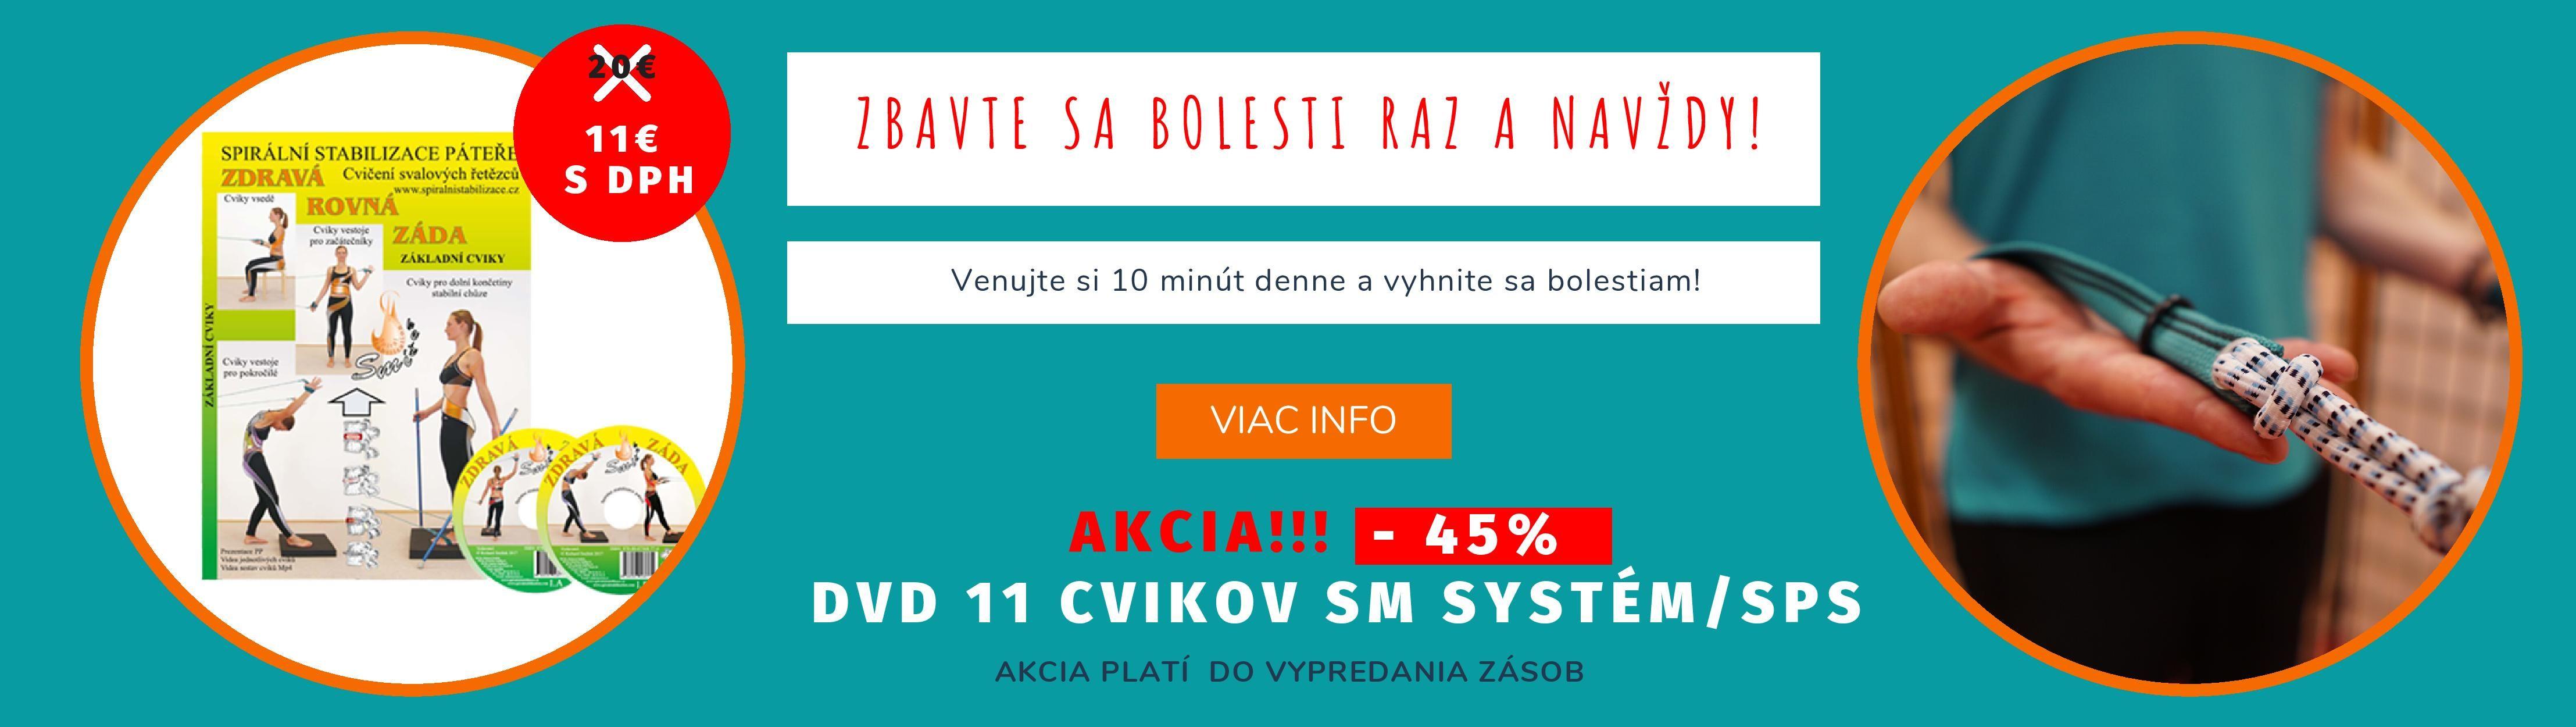 AKCIA DVD 11 CVIKOV